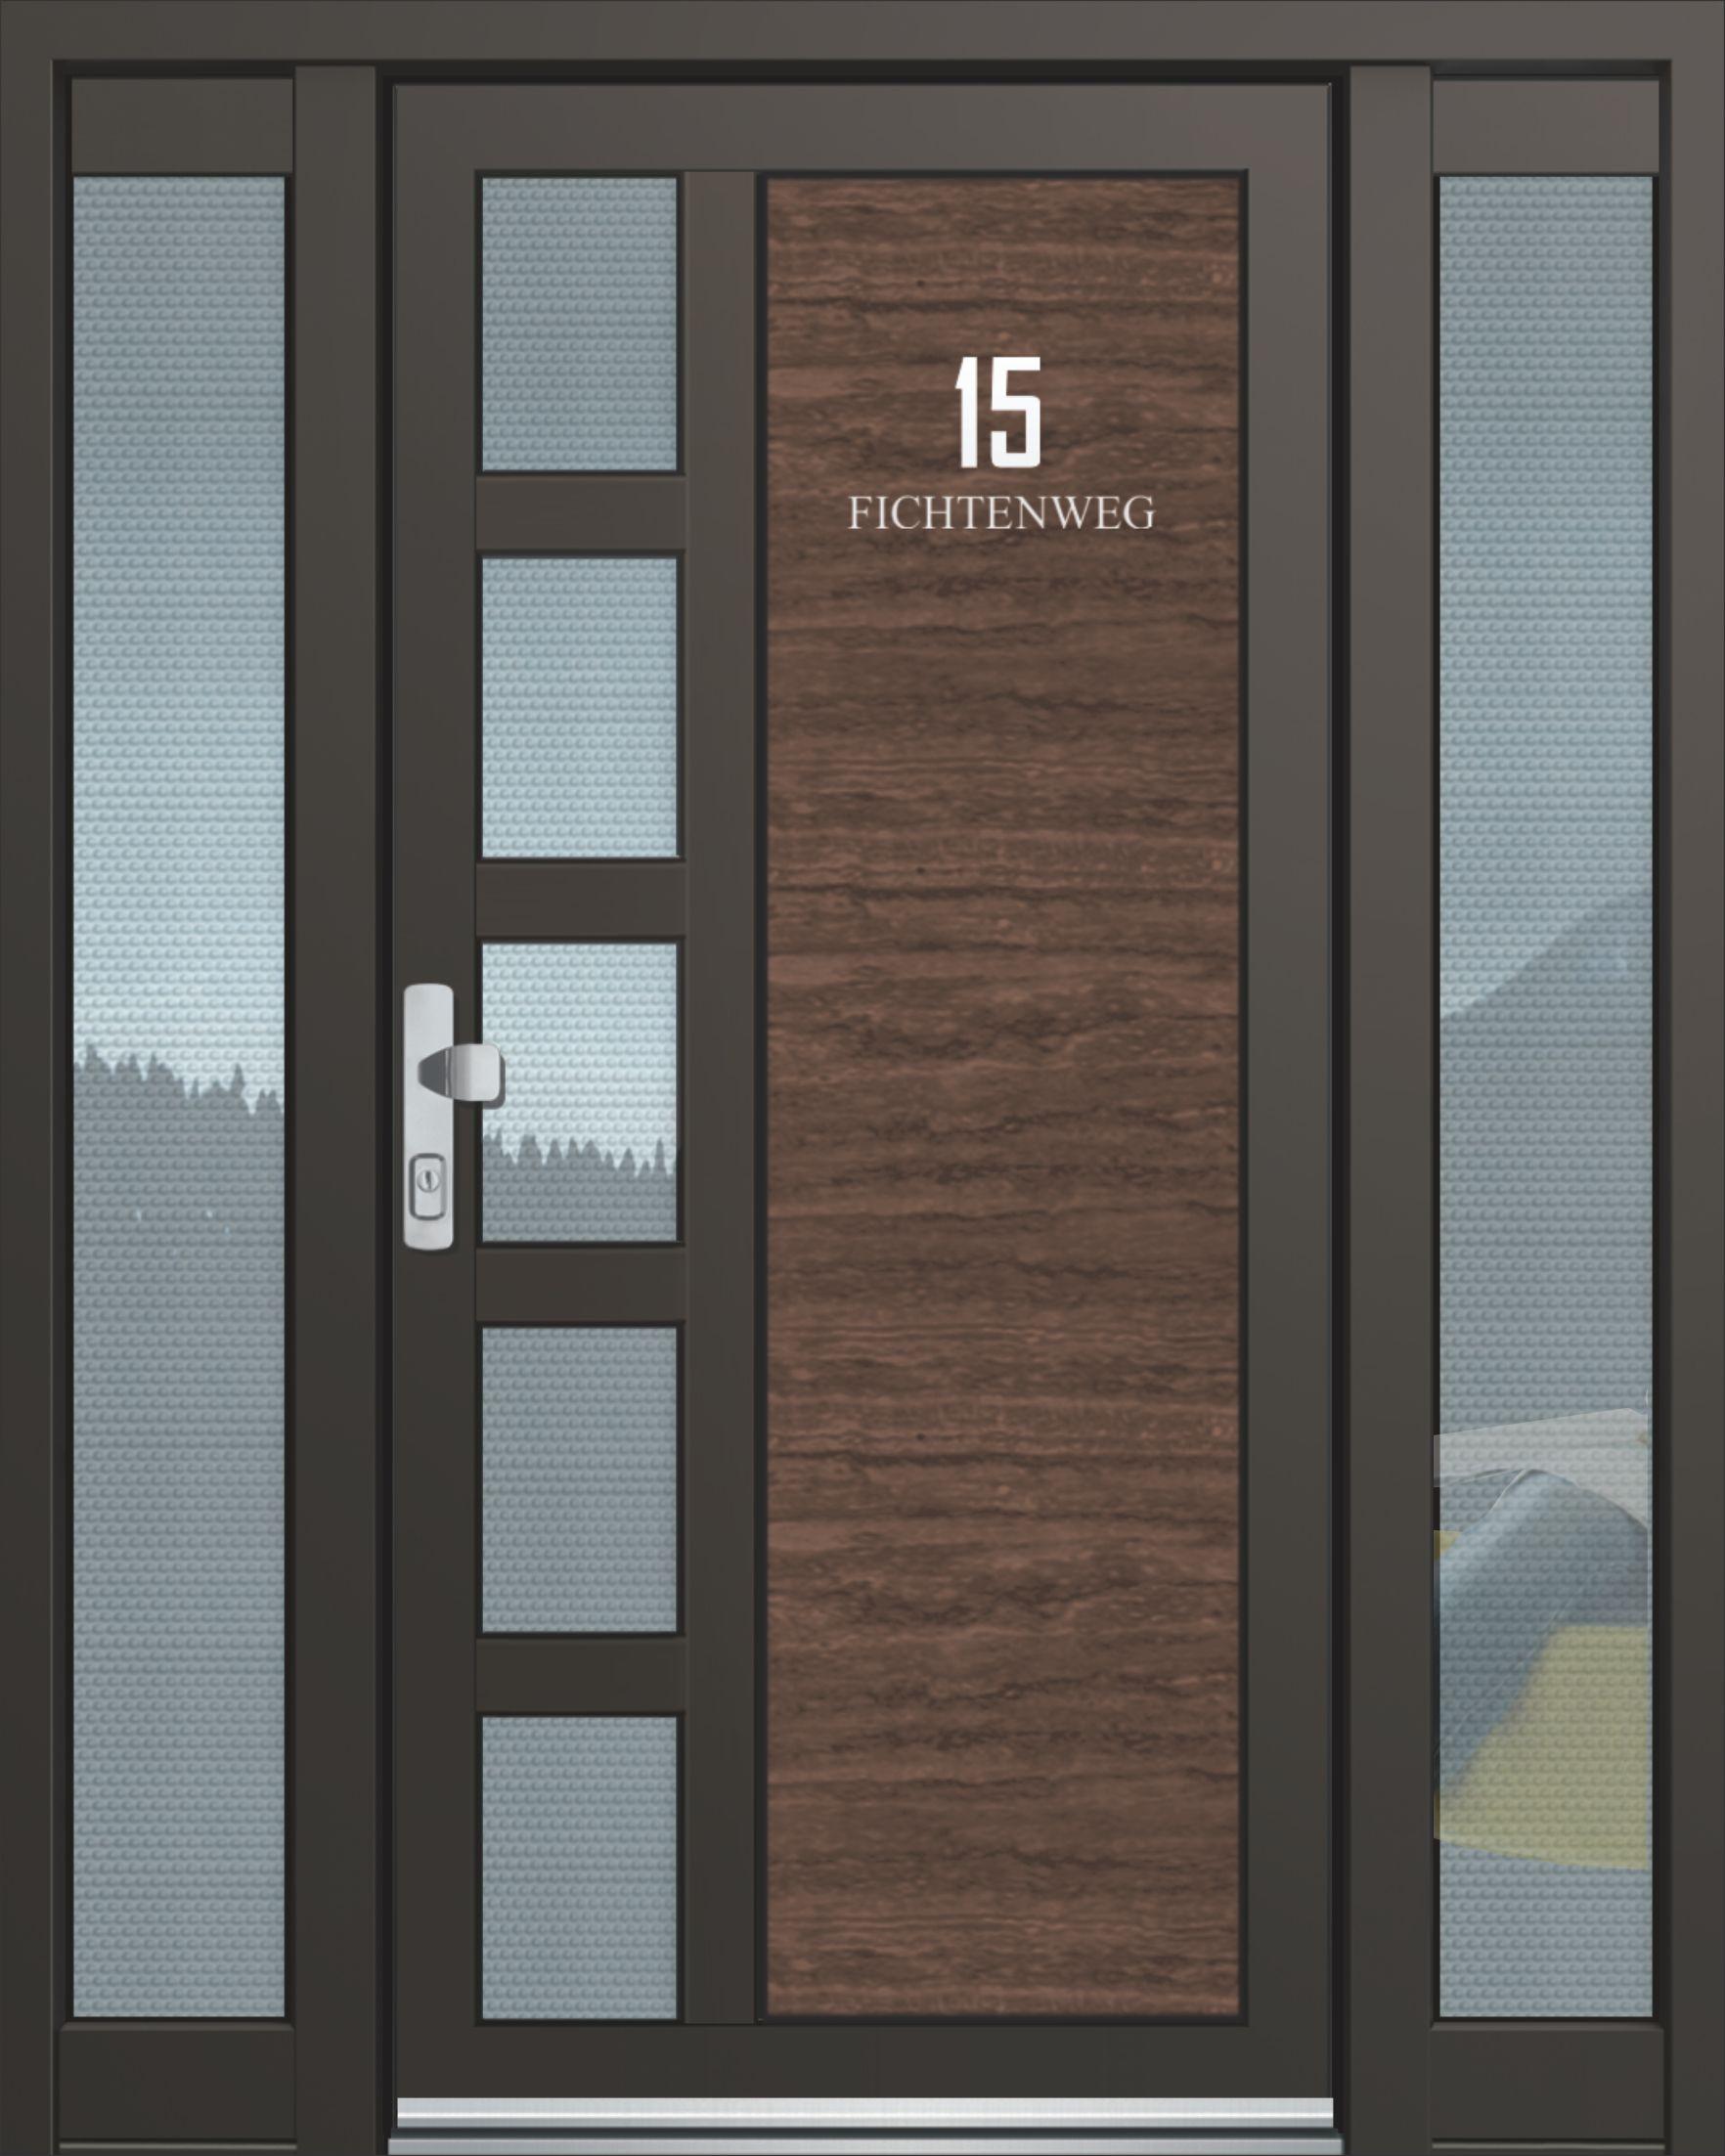 Inotherm Haustür Modell ASS 1792 Tür Mit Viel Glas Preis Auf Anfrage Bei  Www.1001